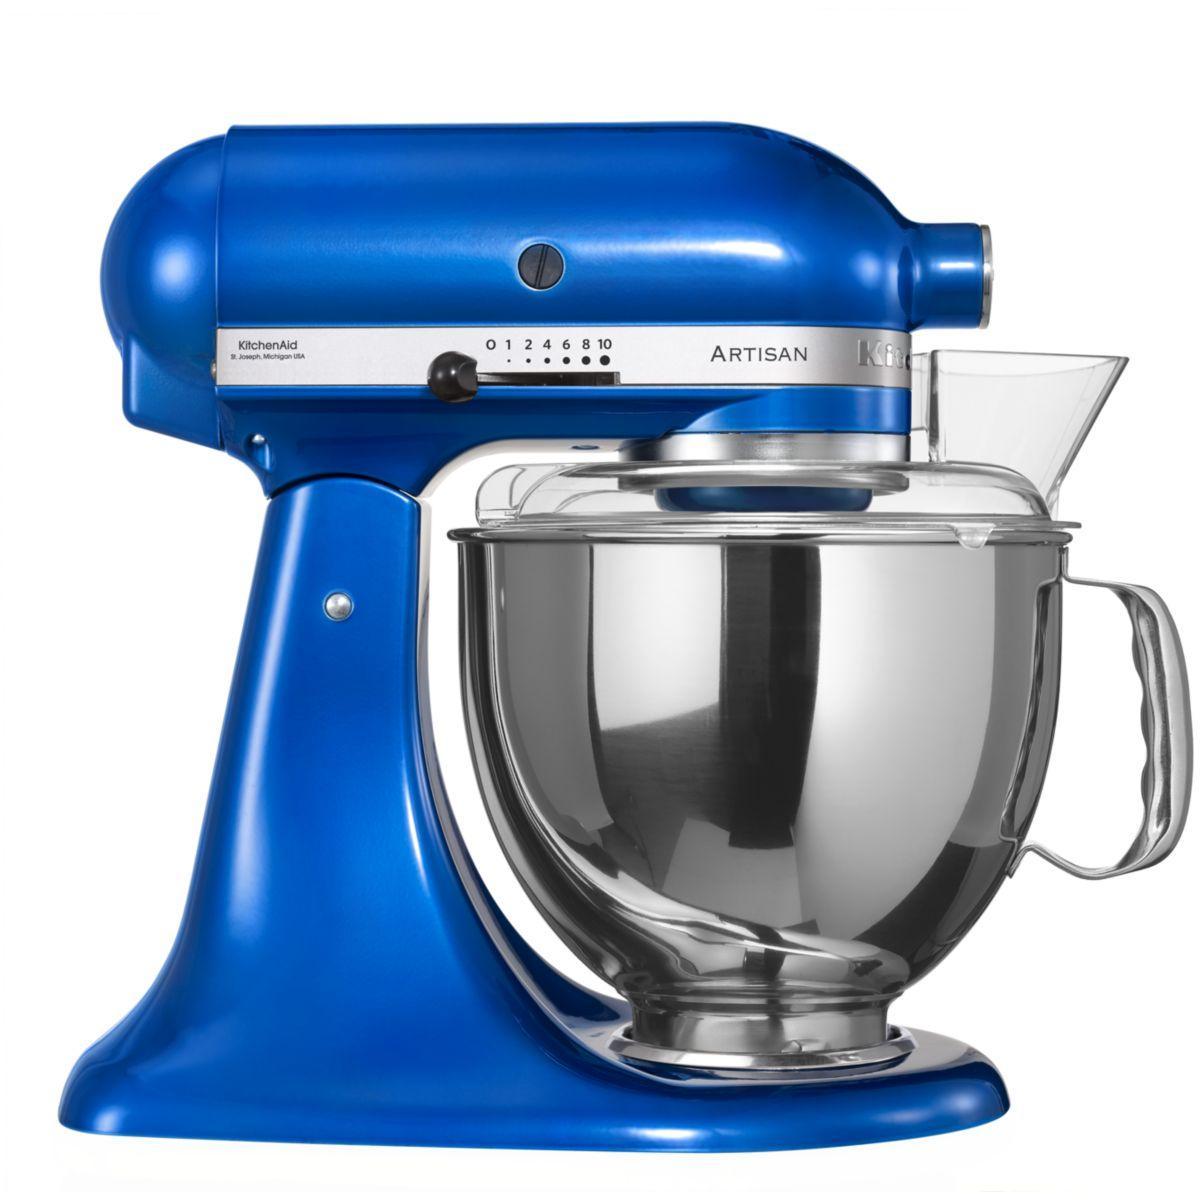 Robot sur socle artisan® kitchenaid 5ksm150ps eeb bleu electrique - produit coup de coeur webdistrib.com !